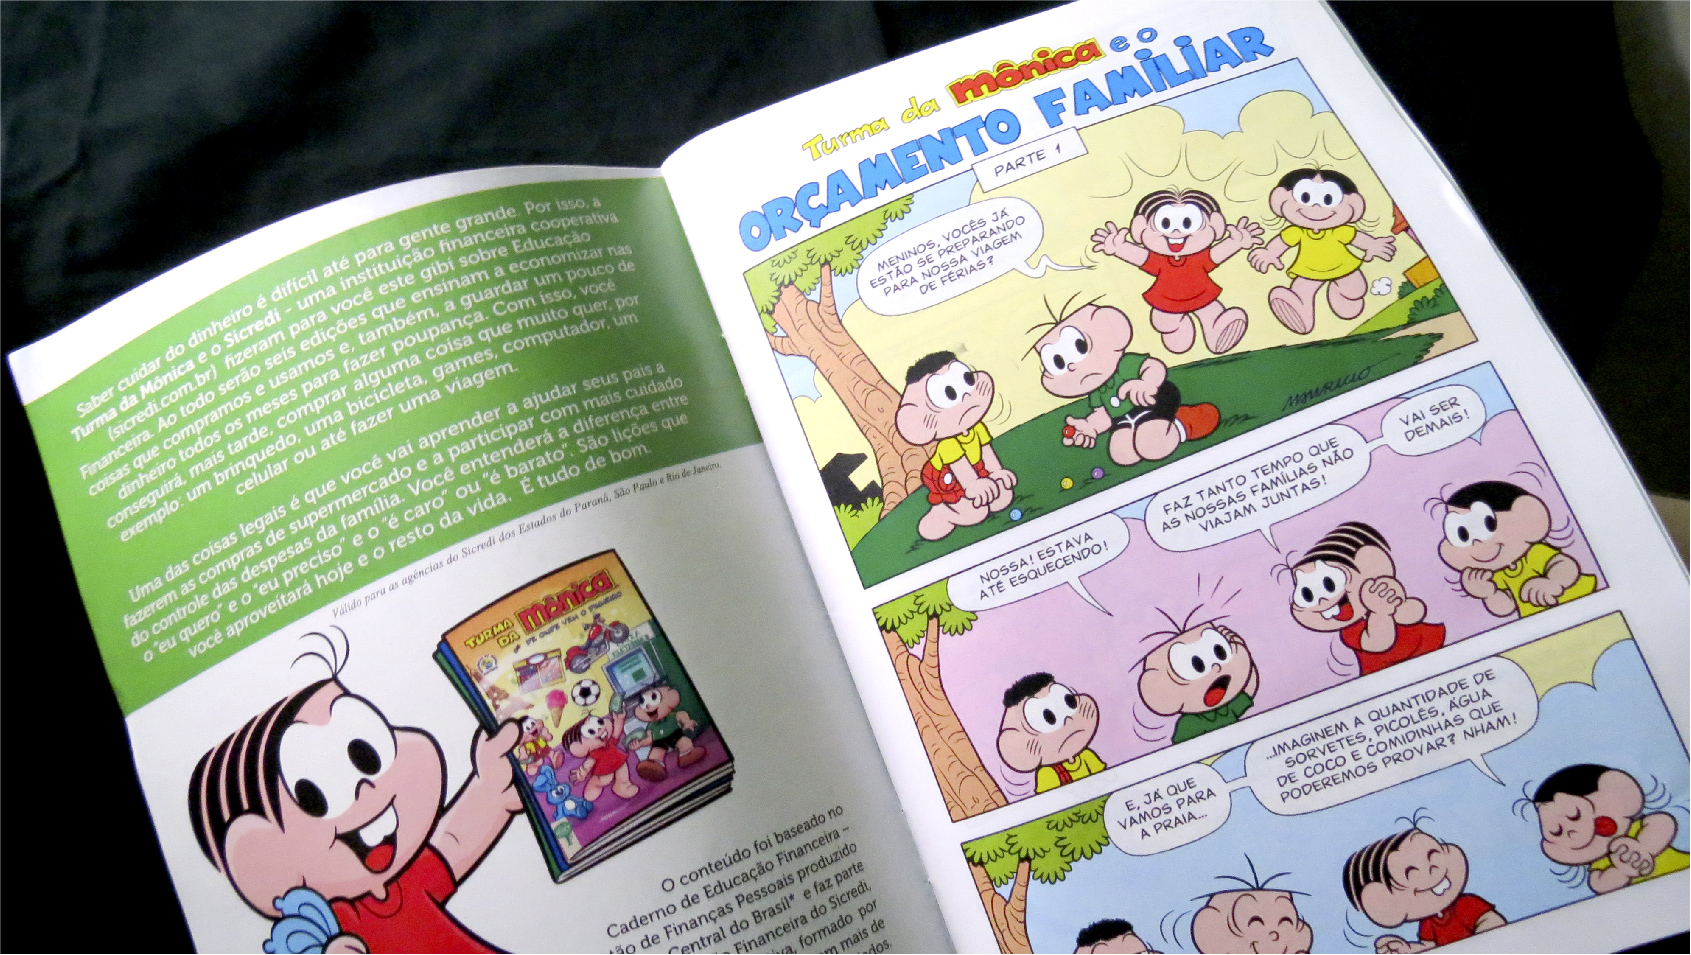 Turma da Mônica lança série de gibis sobre educação financeira e Sicredi distribui nas escolas